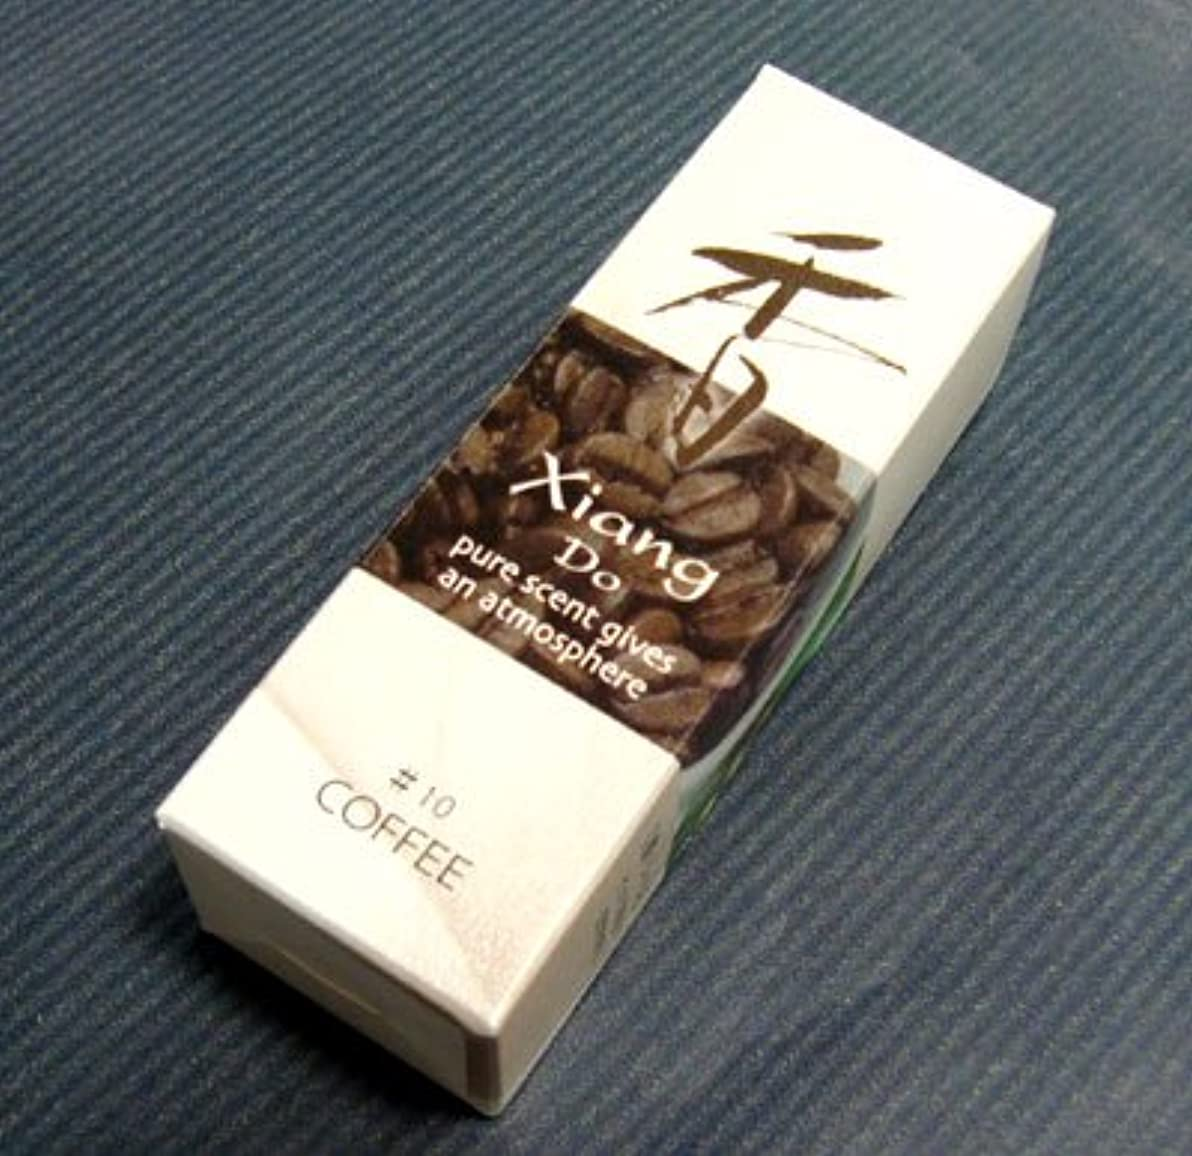 最大限確執回想コクと苦味のコーヒーの香り 松栄堂【Xiang do コーヒー】スティック 【お香】